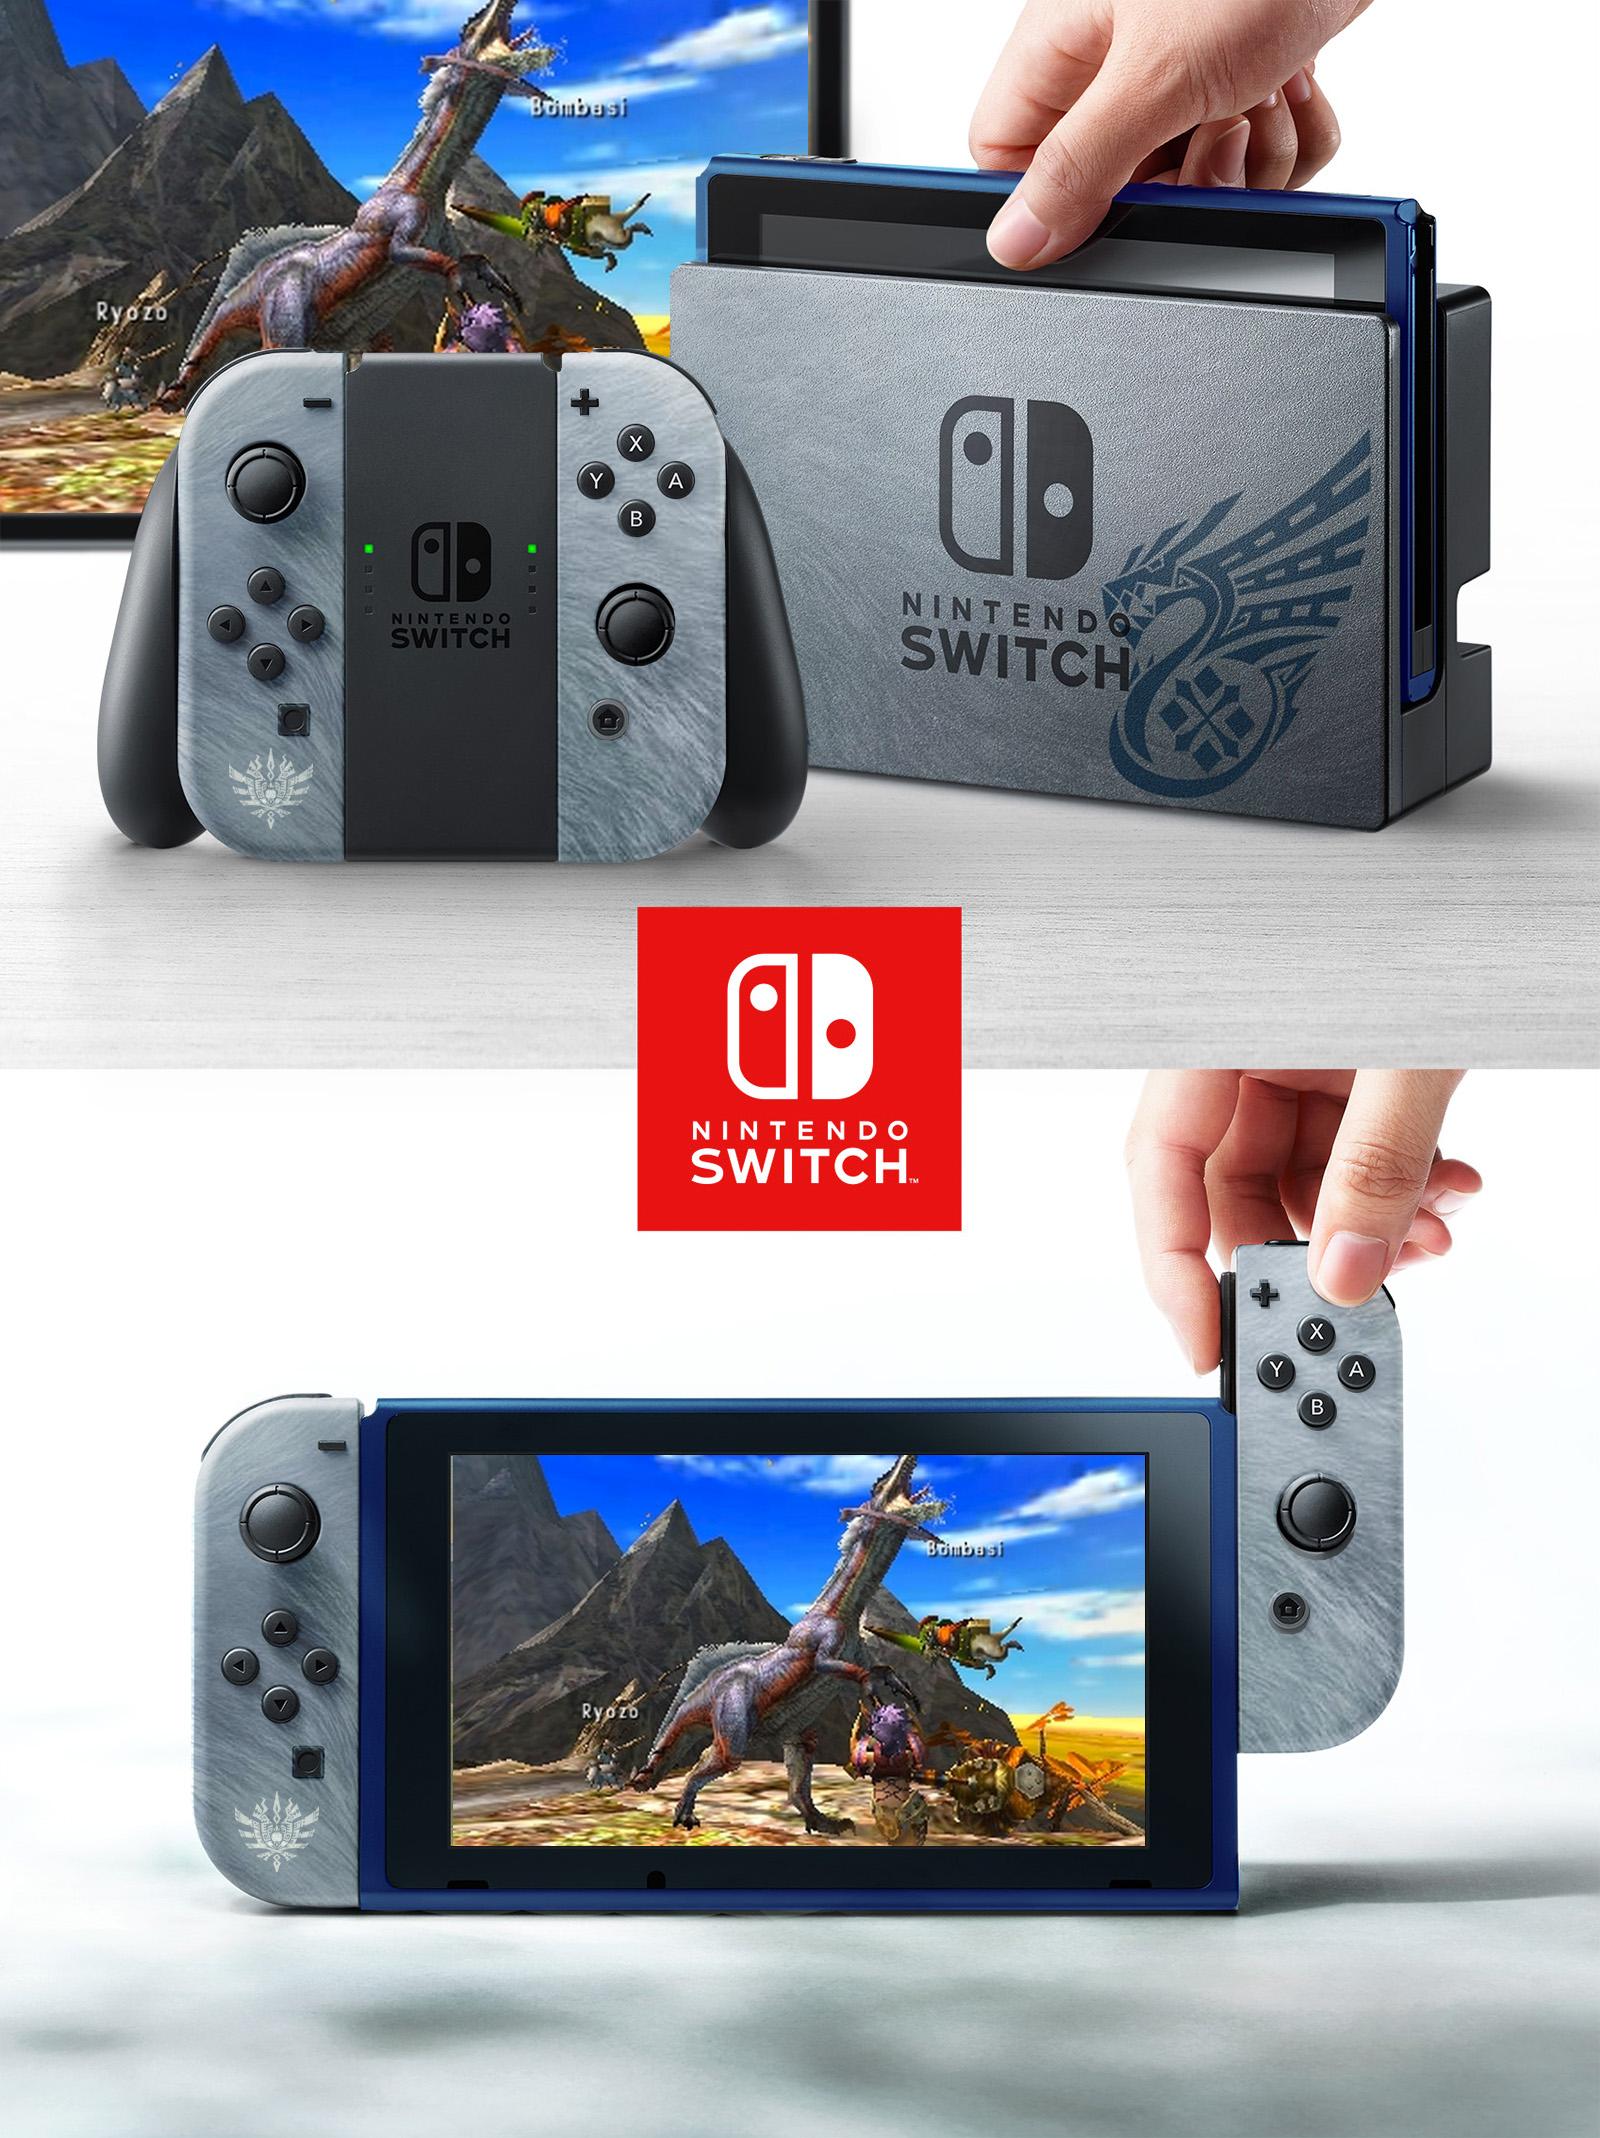 nintendo-switch-monster-hunter.jpg